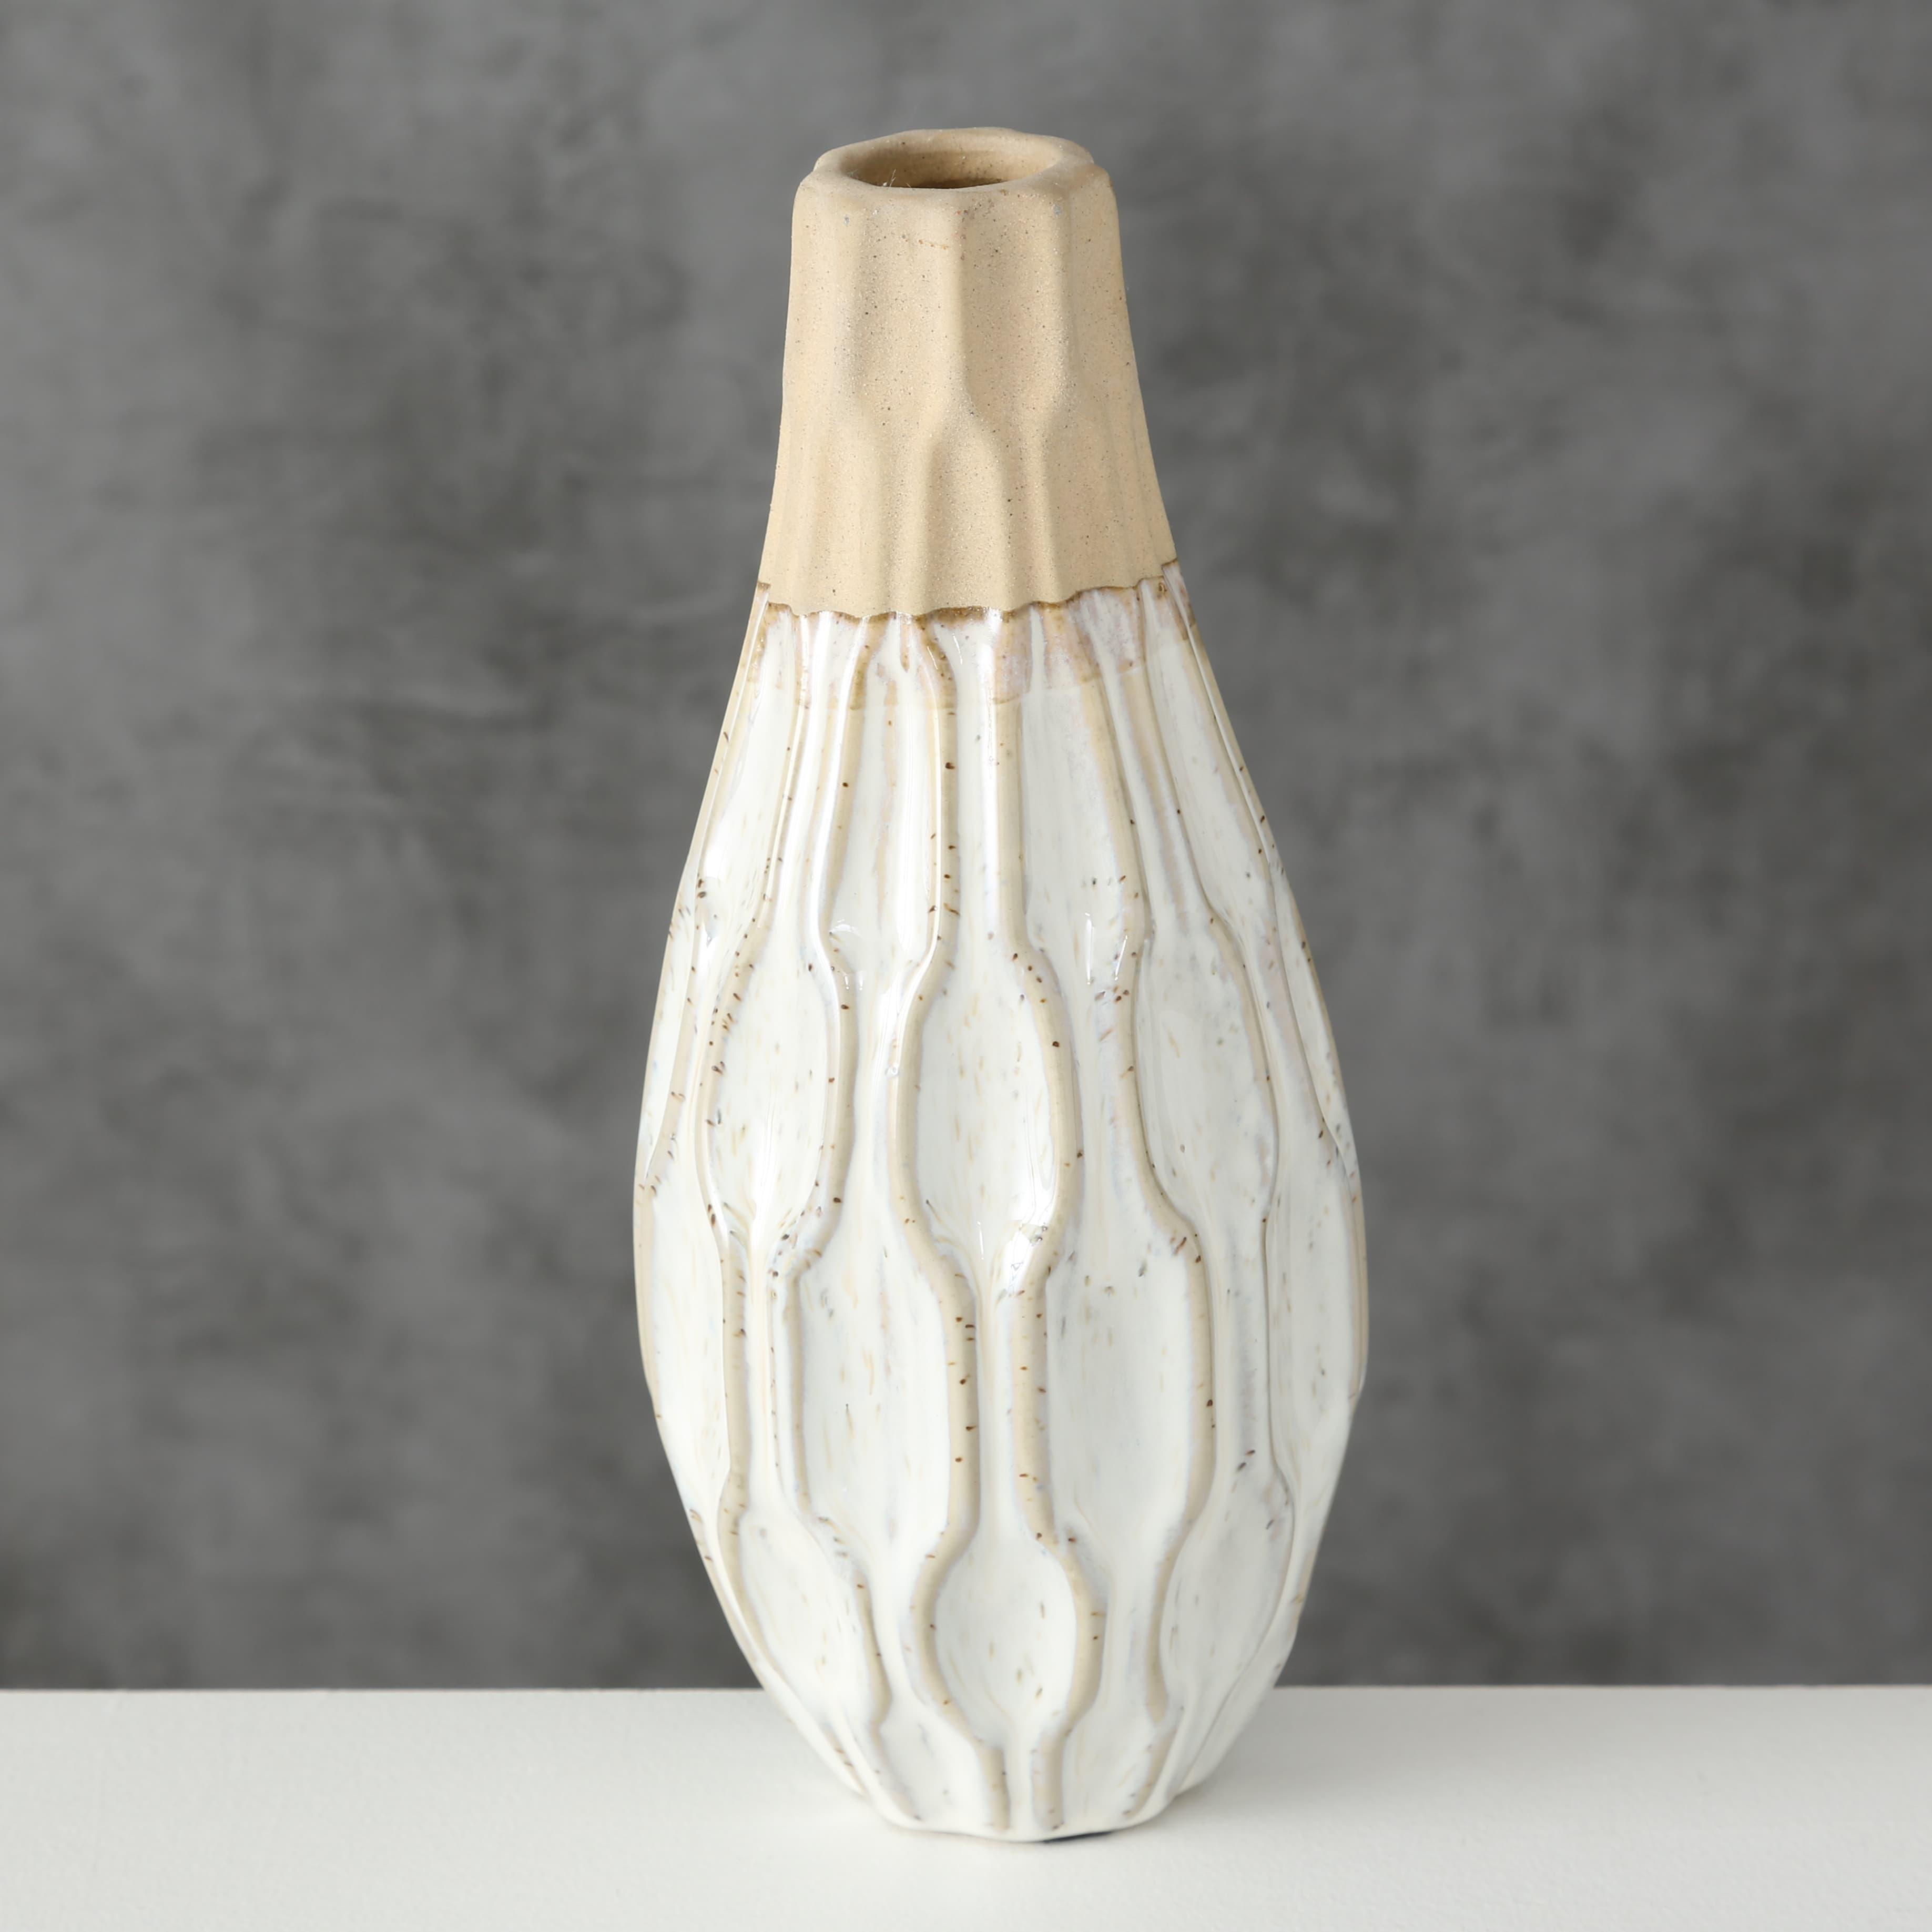 Vaza decorativa din ceramica Malia Crem / Bej, Ø10xH25 cm